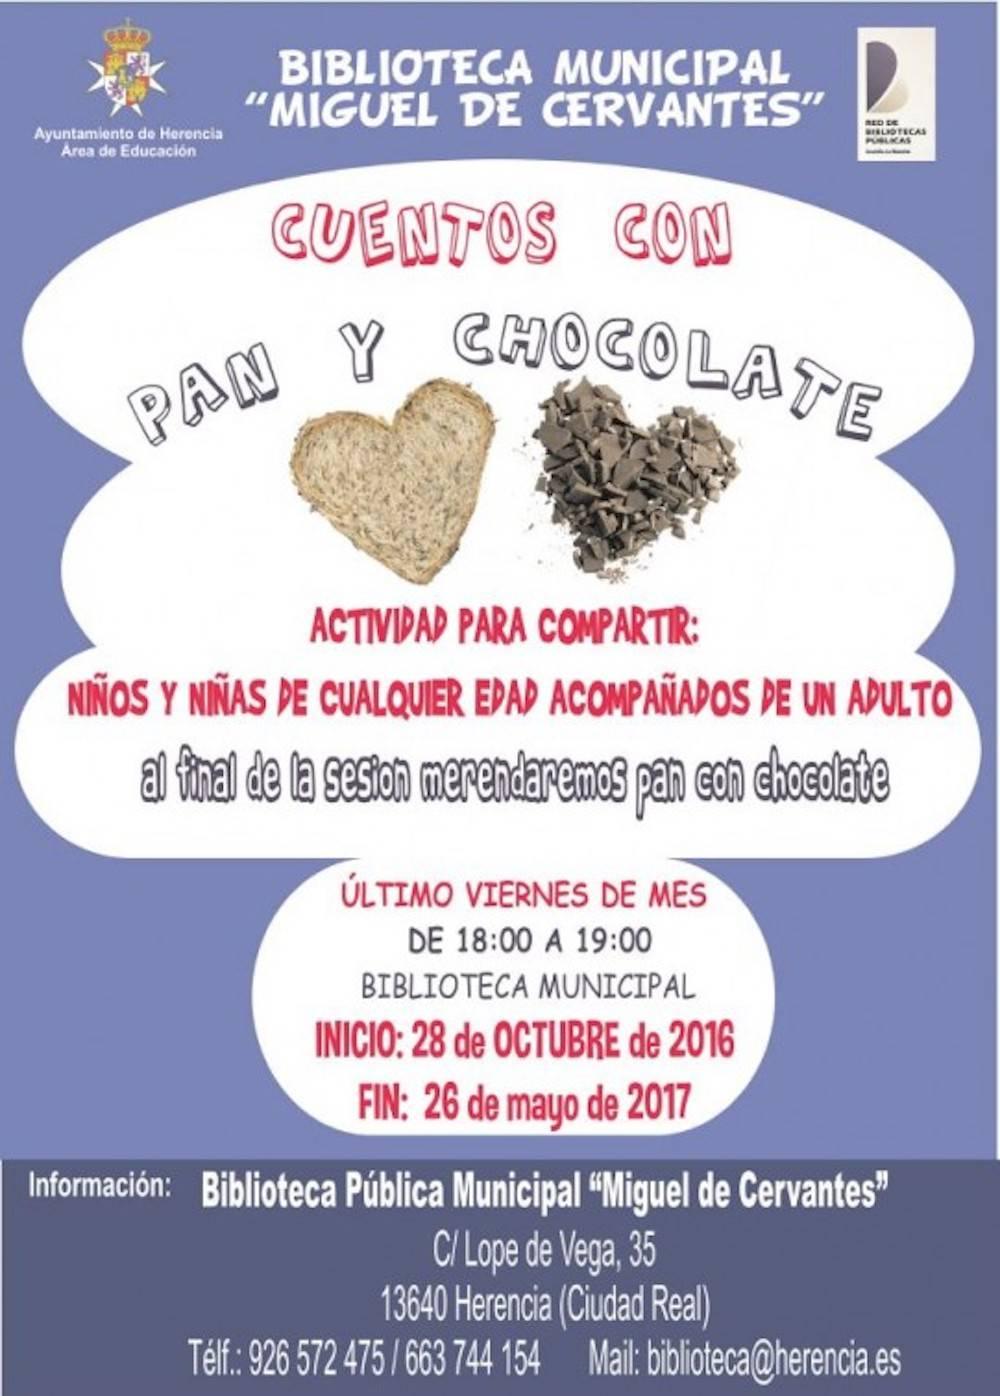 cuento-con-pan-y-chocolate-2016-2017-en-biblioteca-herencia